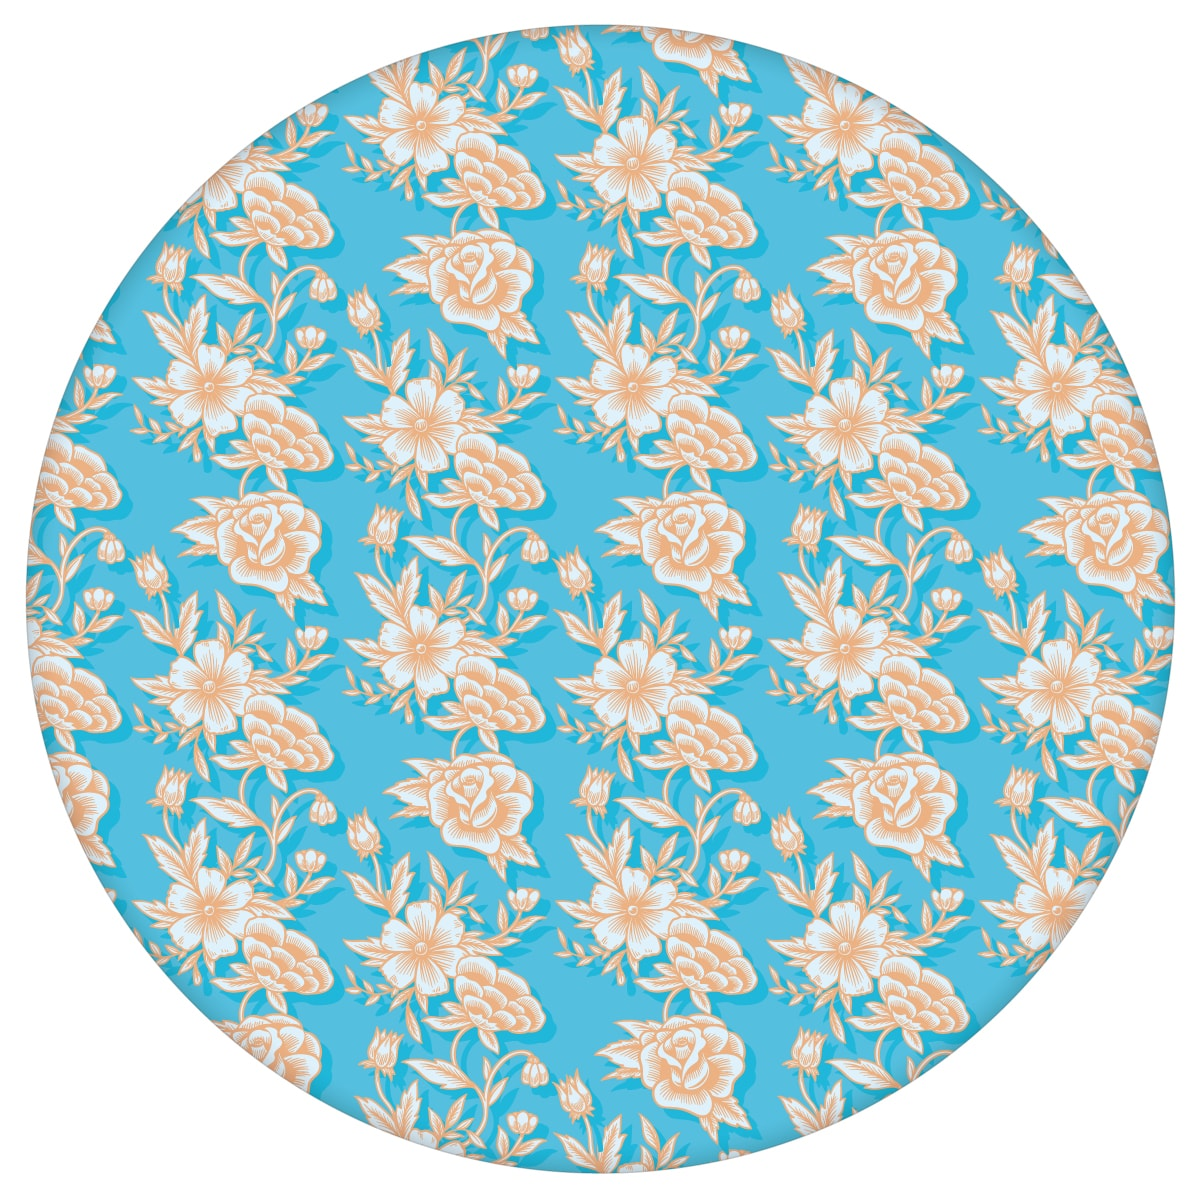 """Designer Blümchen Tapete """"Les fleurs du chateau"""", hellblau orange Vlies Blumentapete für Wohnzimmer"""